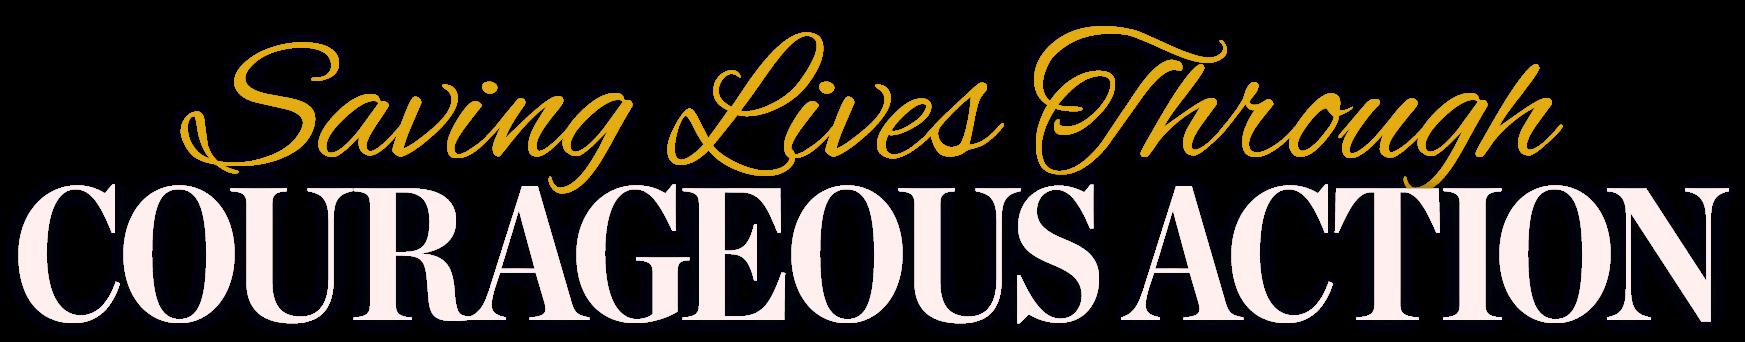 Saving Lives Through Courageous Action, Virtual 2020 Life Banquet